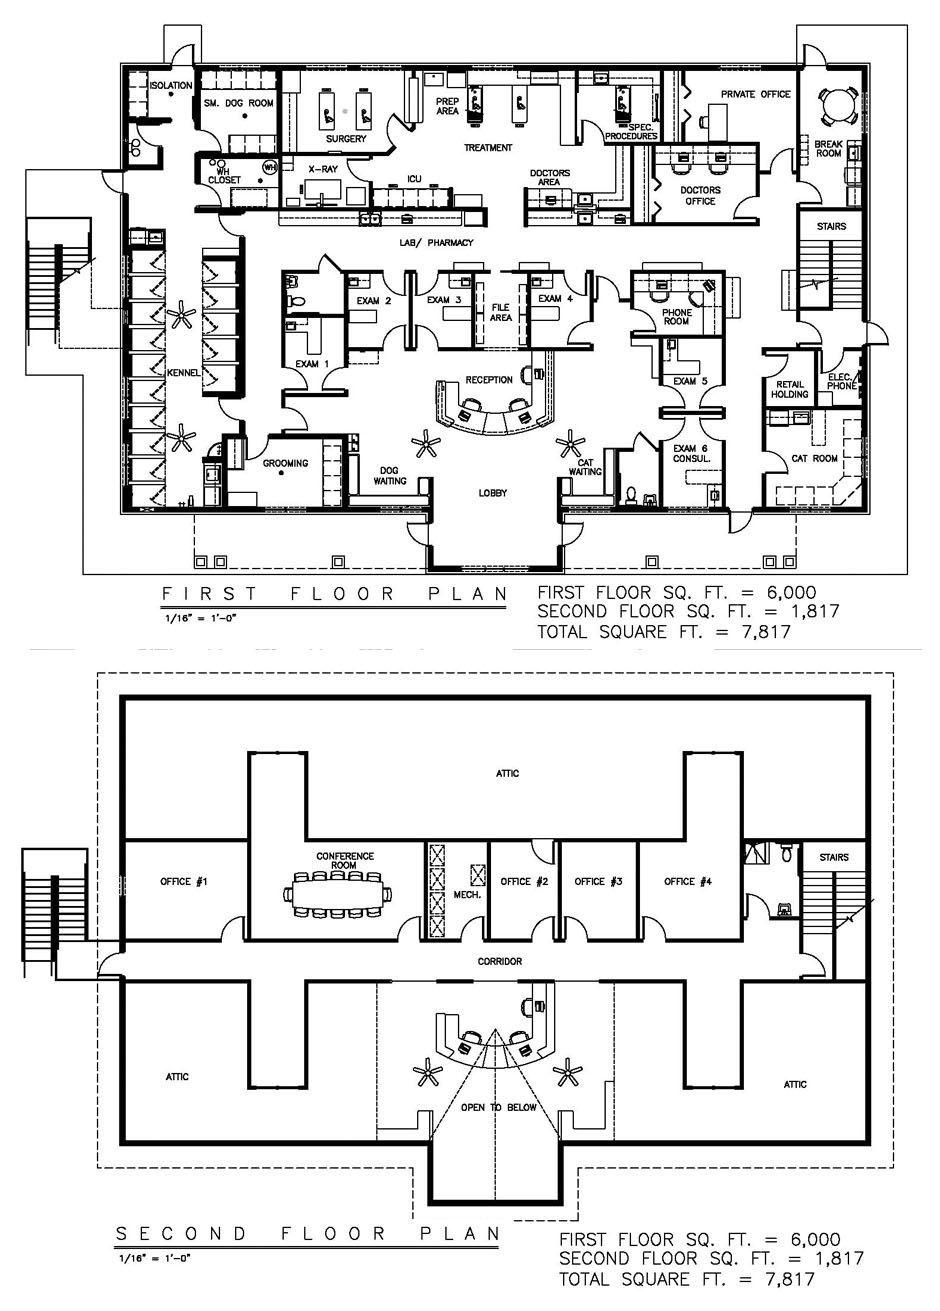 Veterinary floor plan Hilltop Animal Hospital Hospital